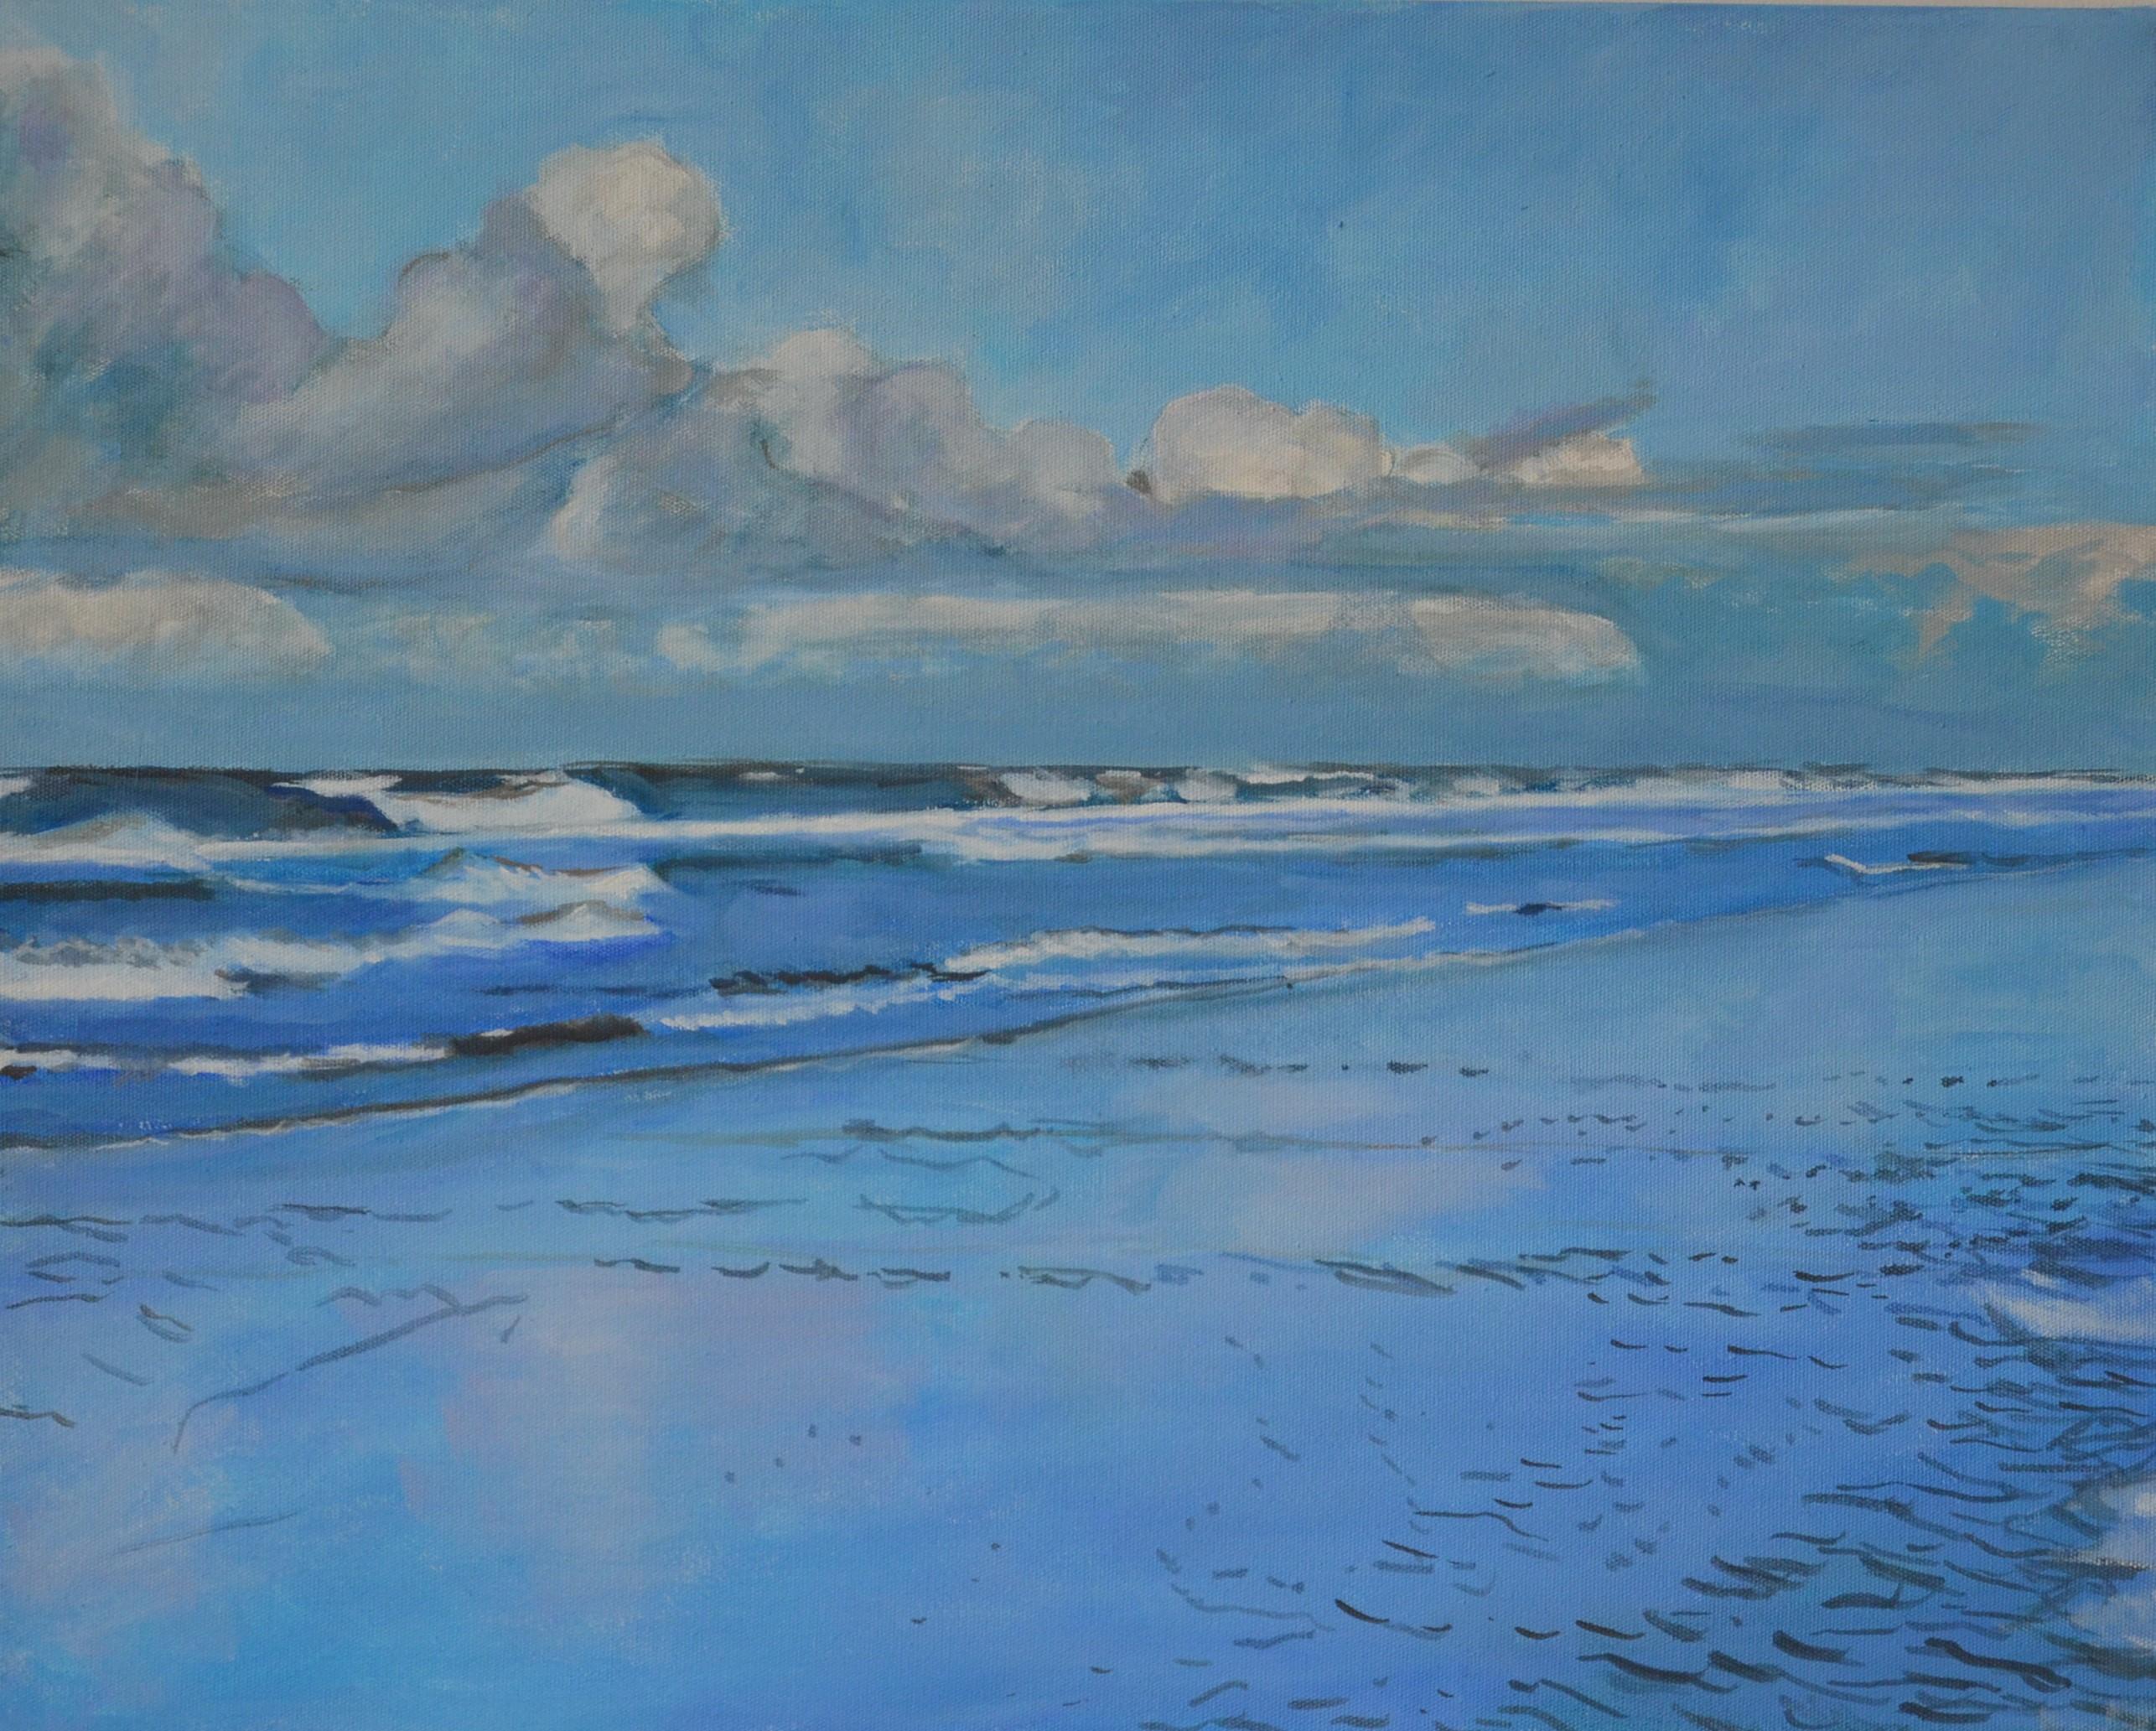 strand-langevelderslag-2-2021-40-x-50-cm-175-euro-verkocht